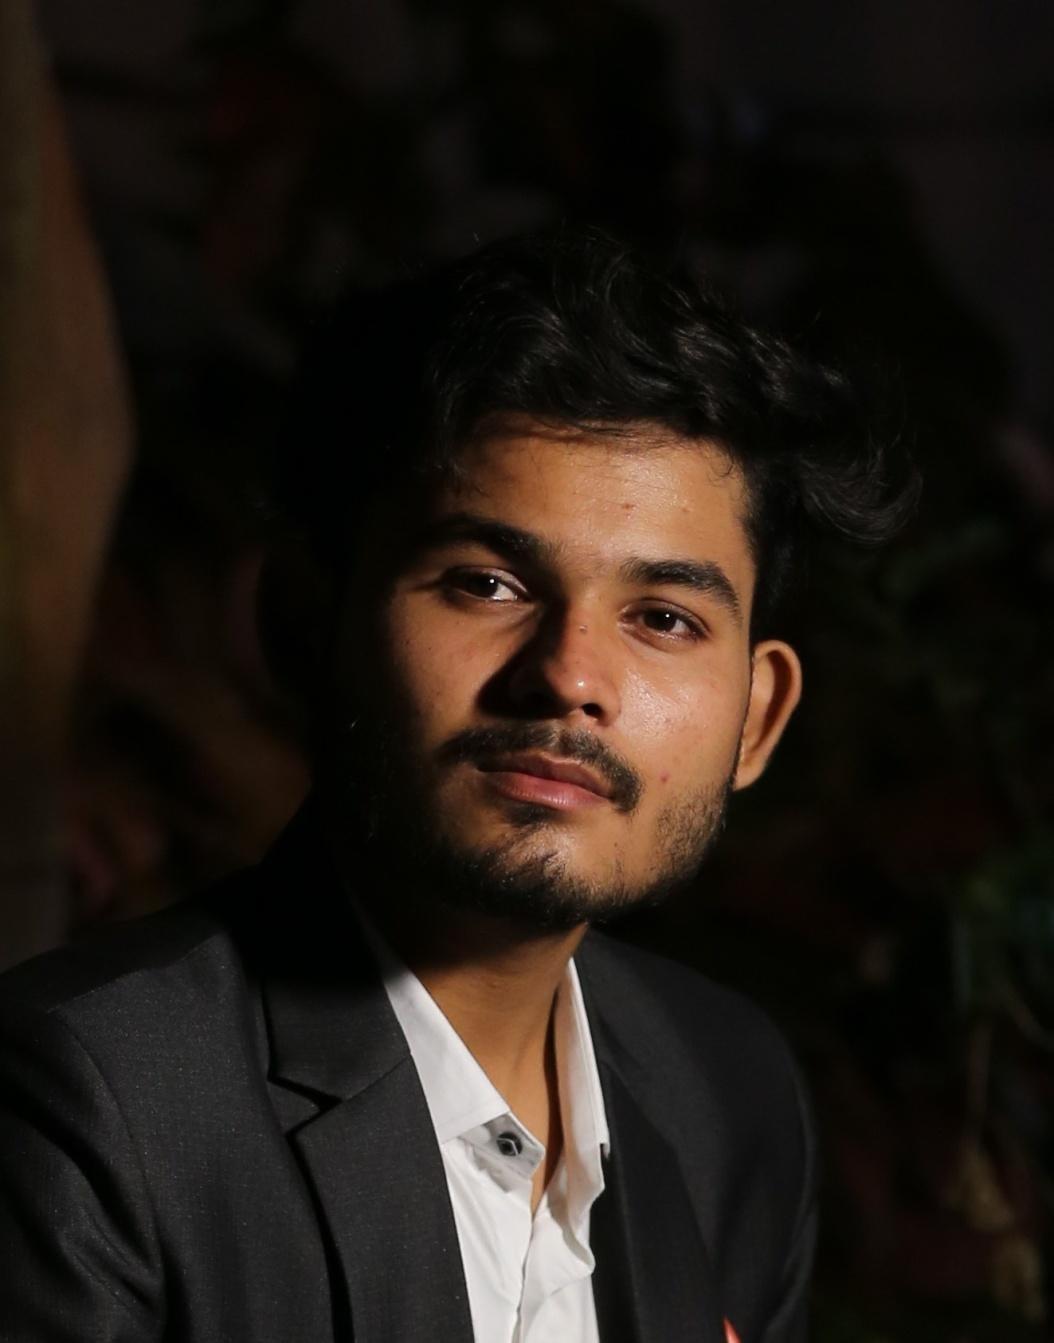 https://assets.zoomabroad.com/avatars/Akash_Sahu.jpeg